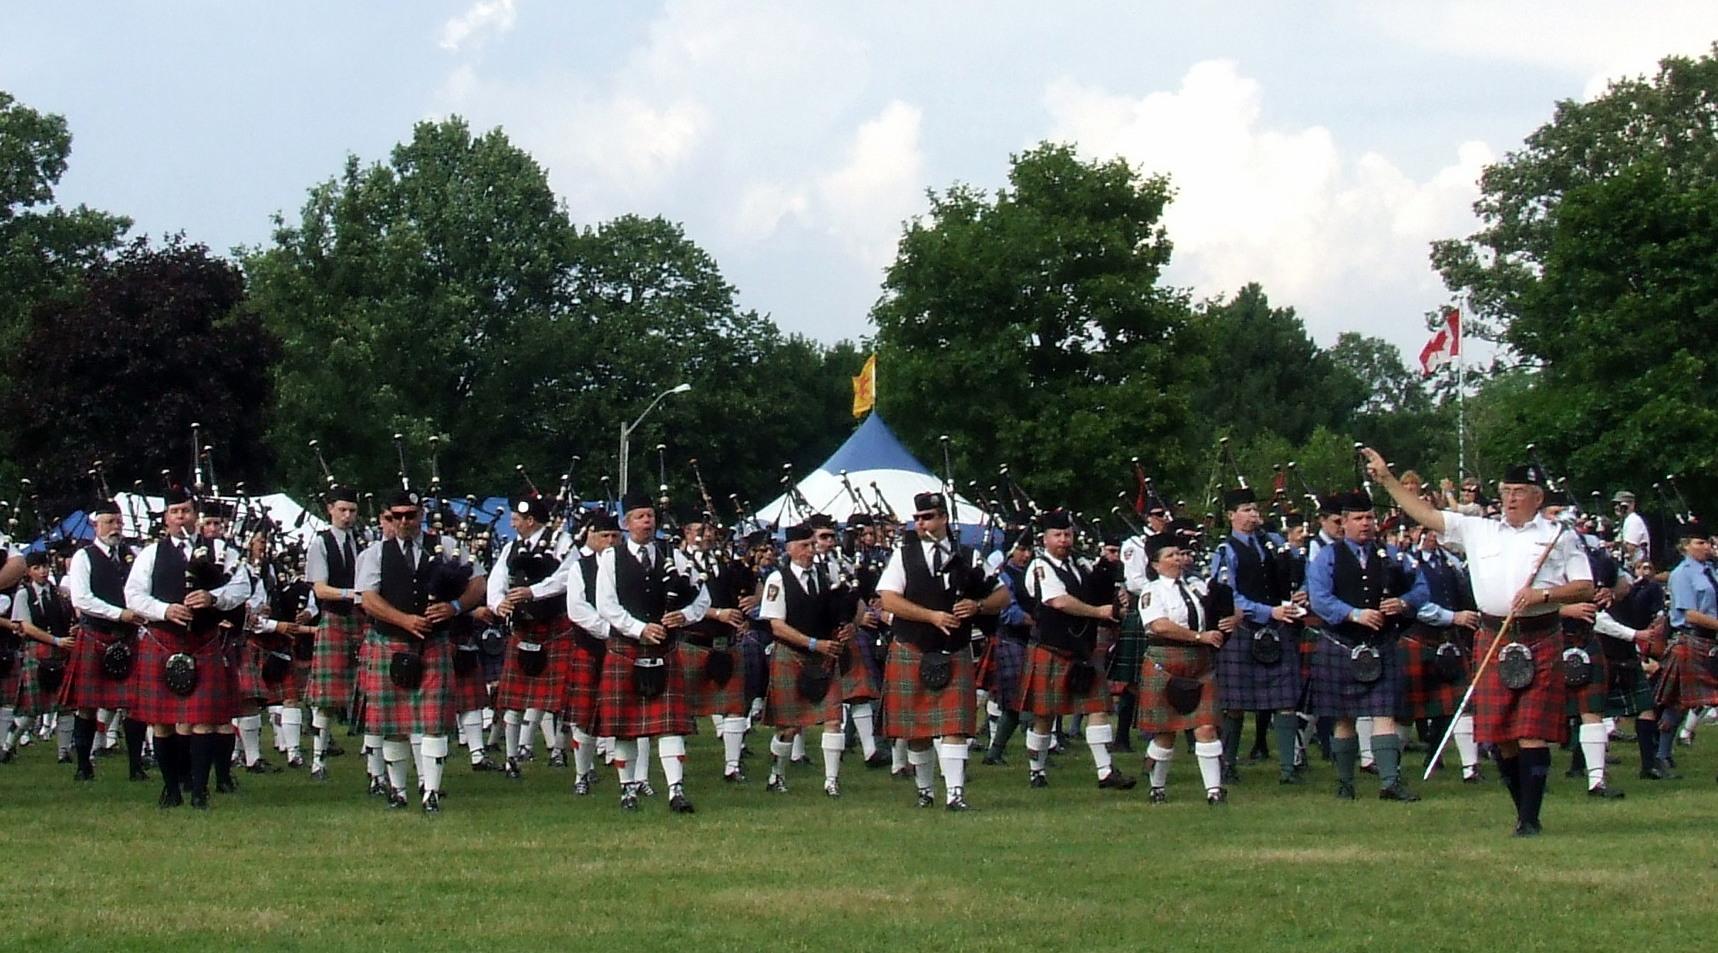 Cambridge Highland games